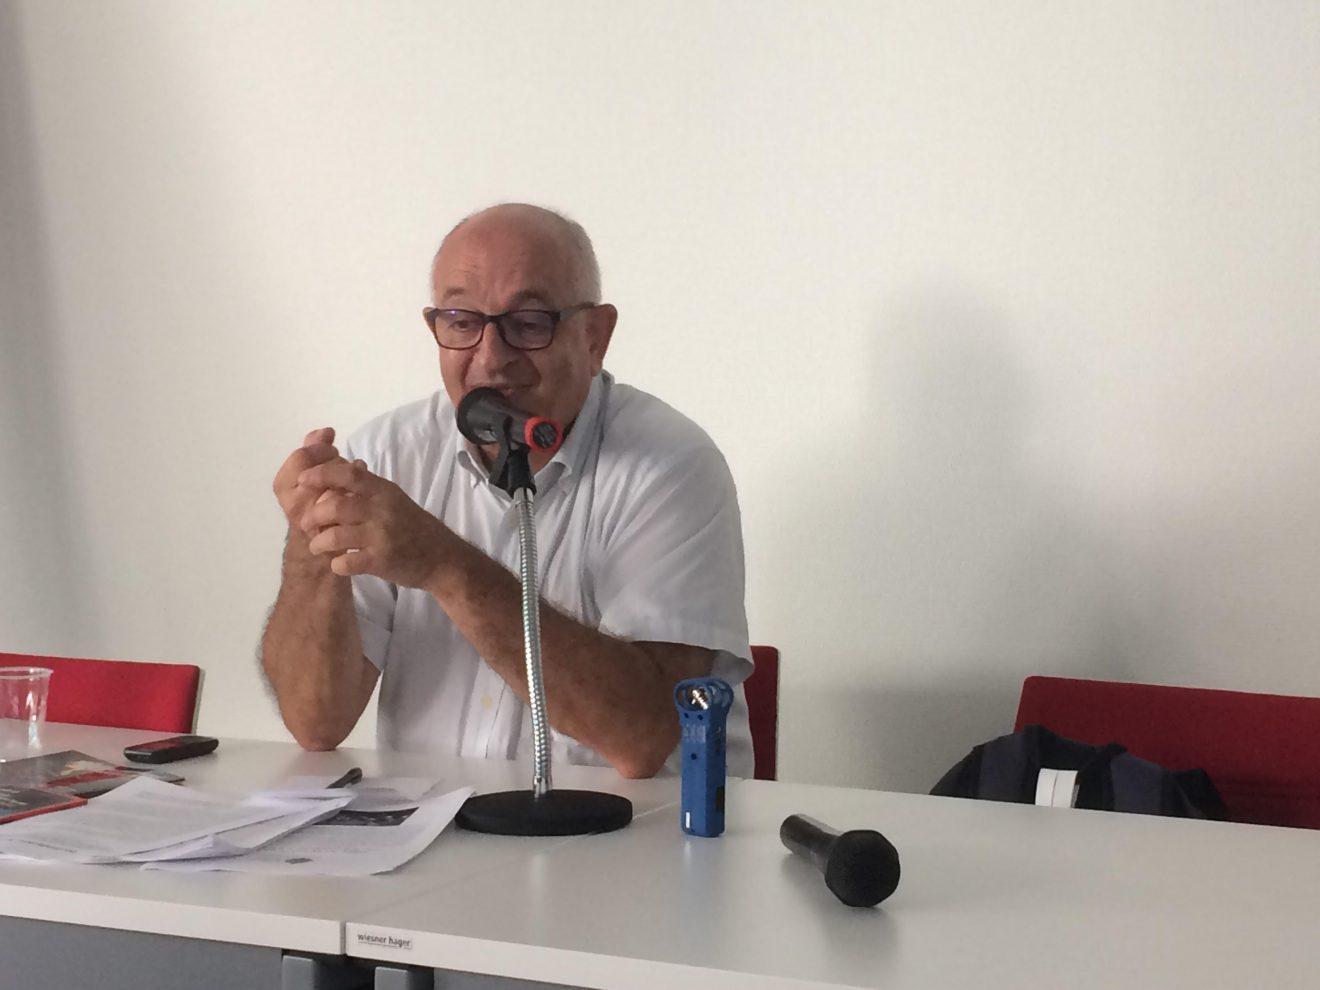 Retour sur la conversation organisée par le CCIC le 25 juin avec le père Feroldi sur les relations entre catholiques et musulmans en France